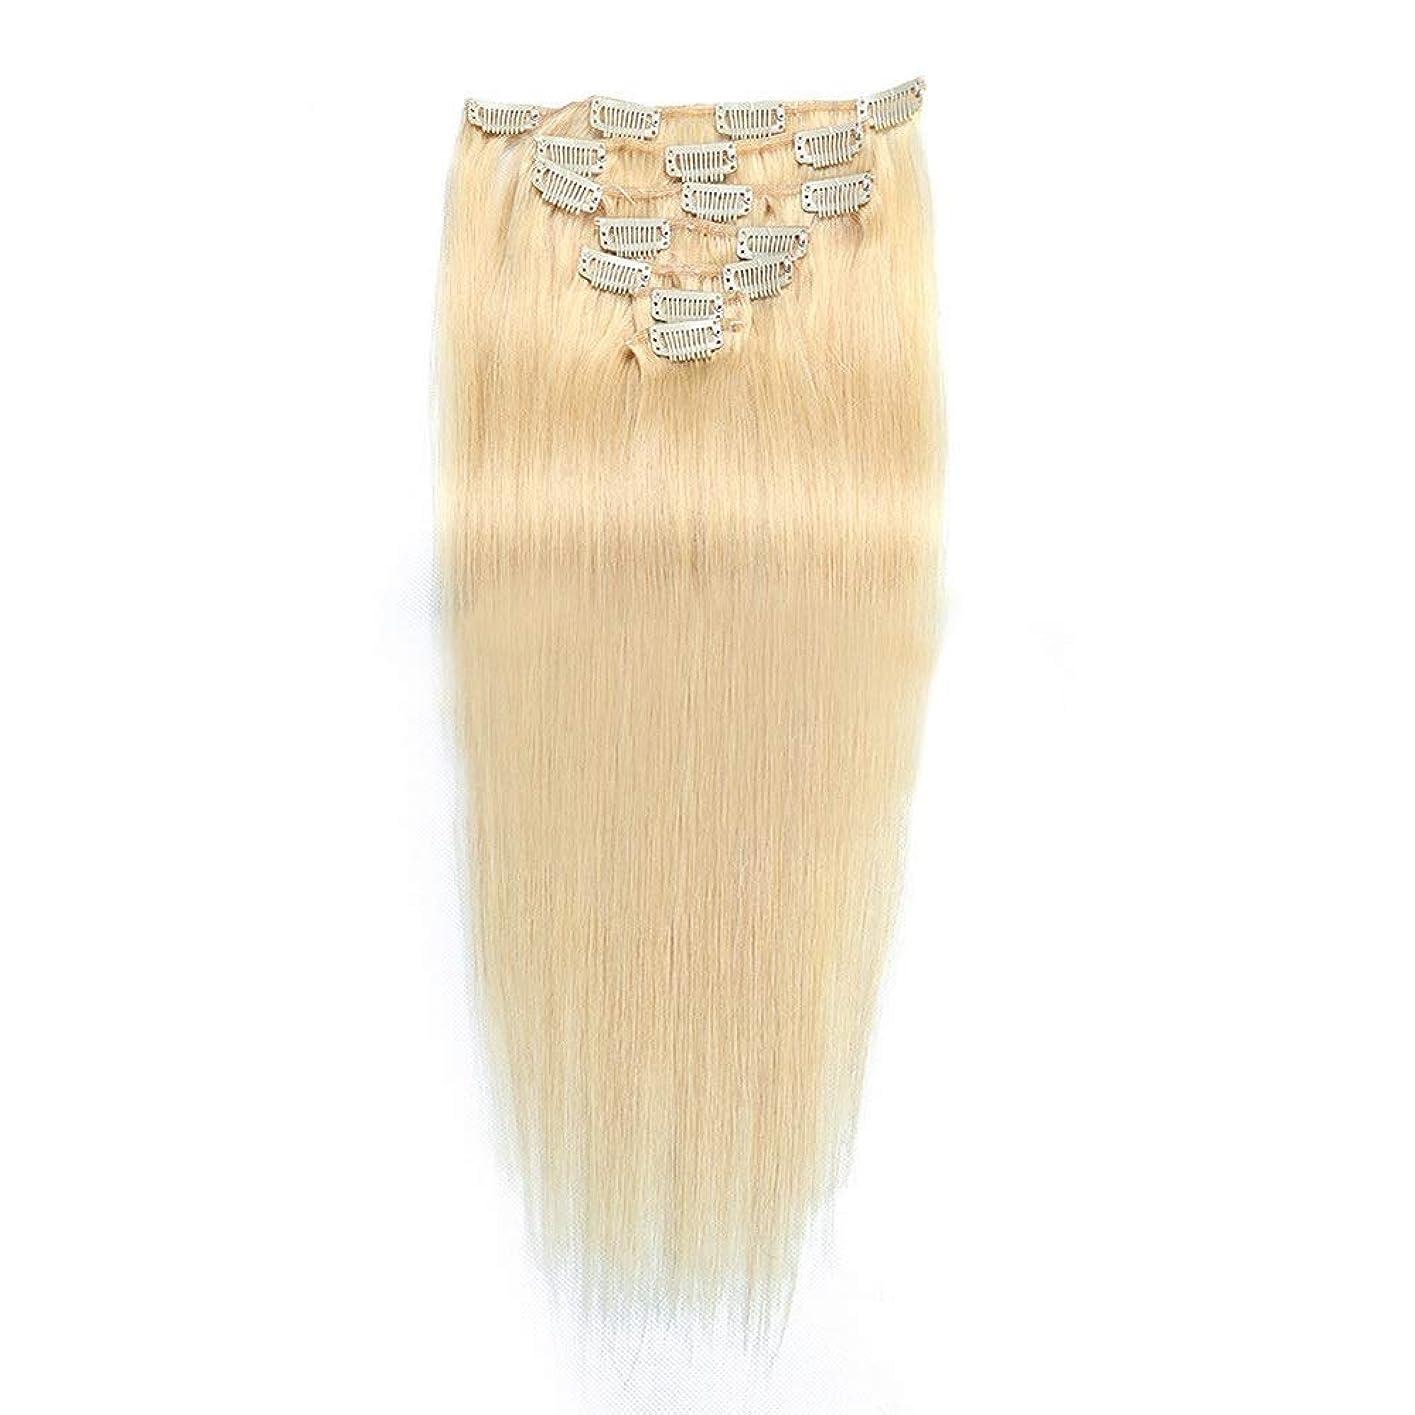 委員長高さ広告HOHYLLYA 20インチ70グラムクリップインヘアエクステンション人間の髪の毛#24ライトブロンド7個フルヘッドストレートロールプレイングかつら女性のかつら (色 : #24 light blonde)